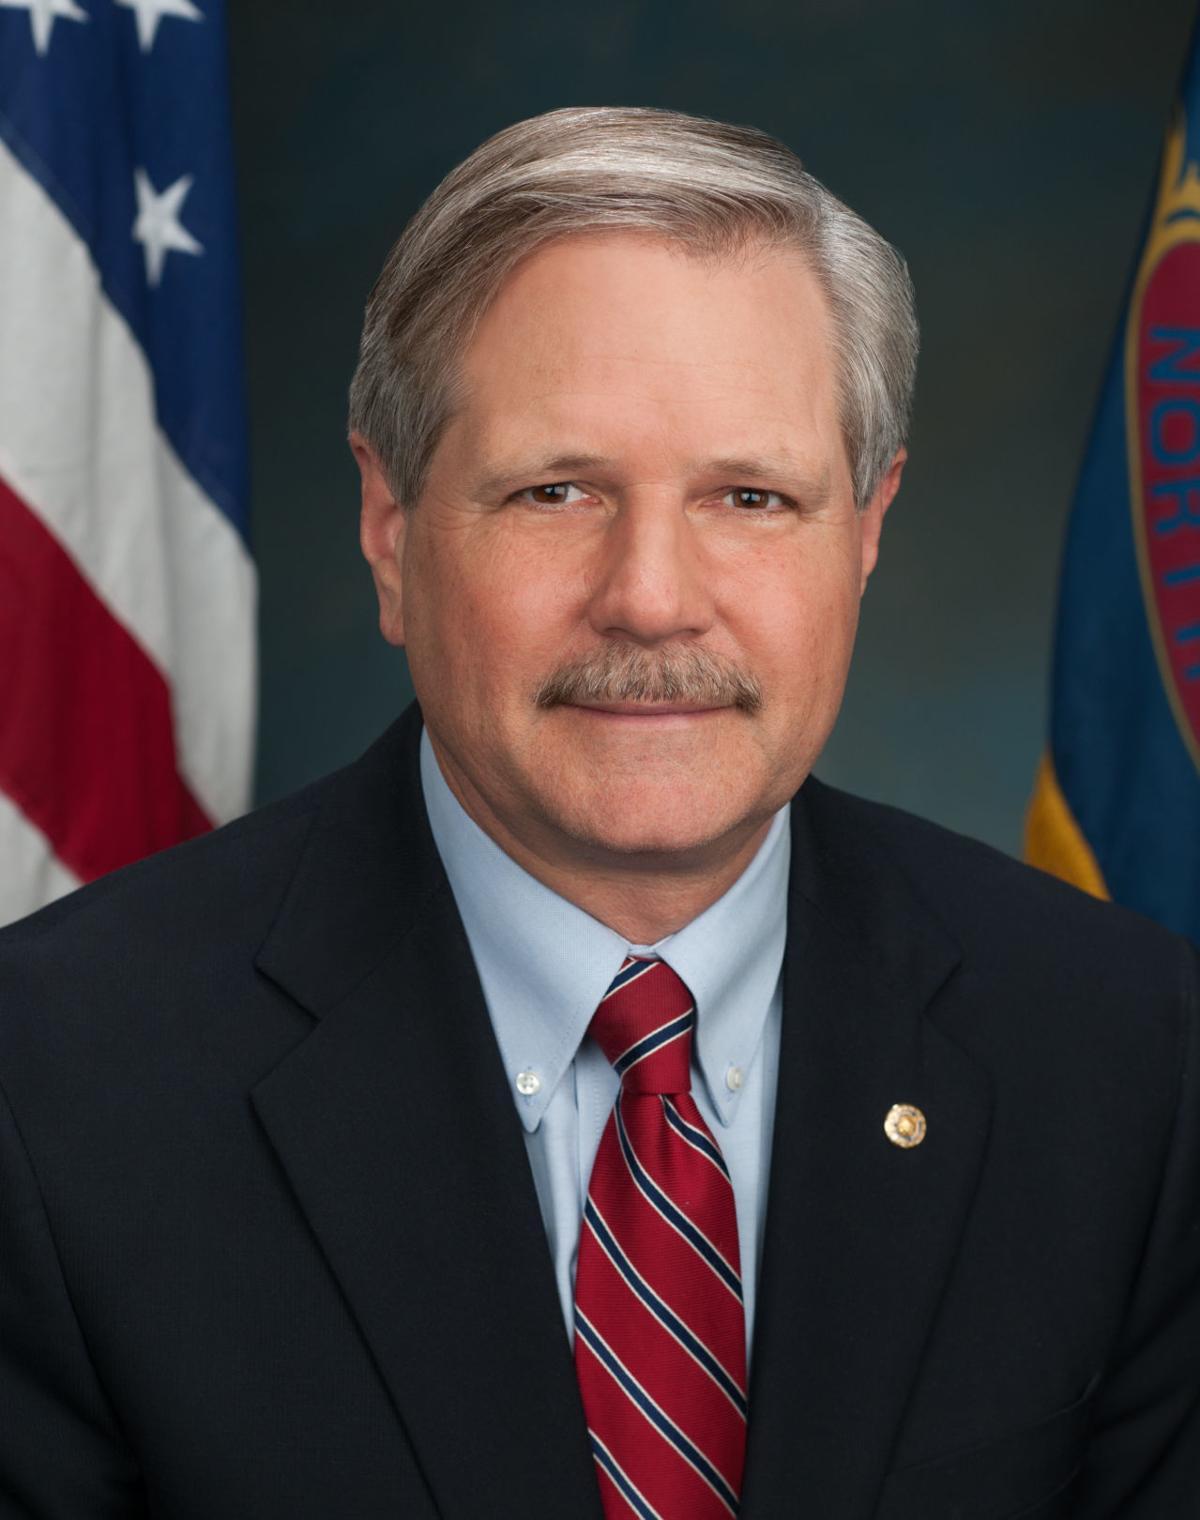 Sen. John Hoeven